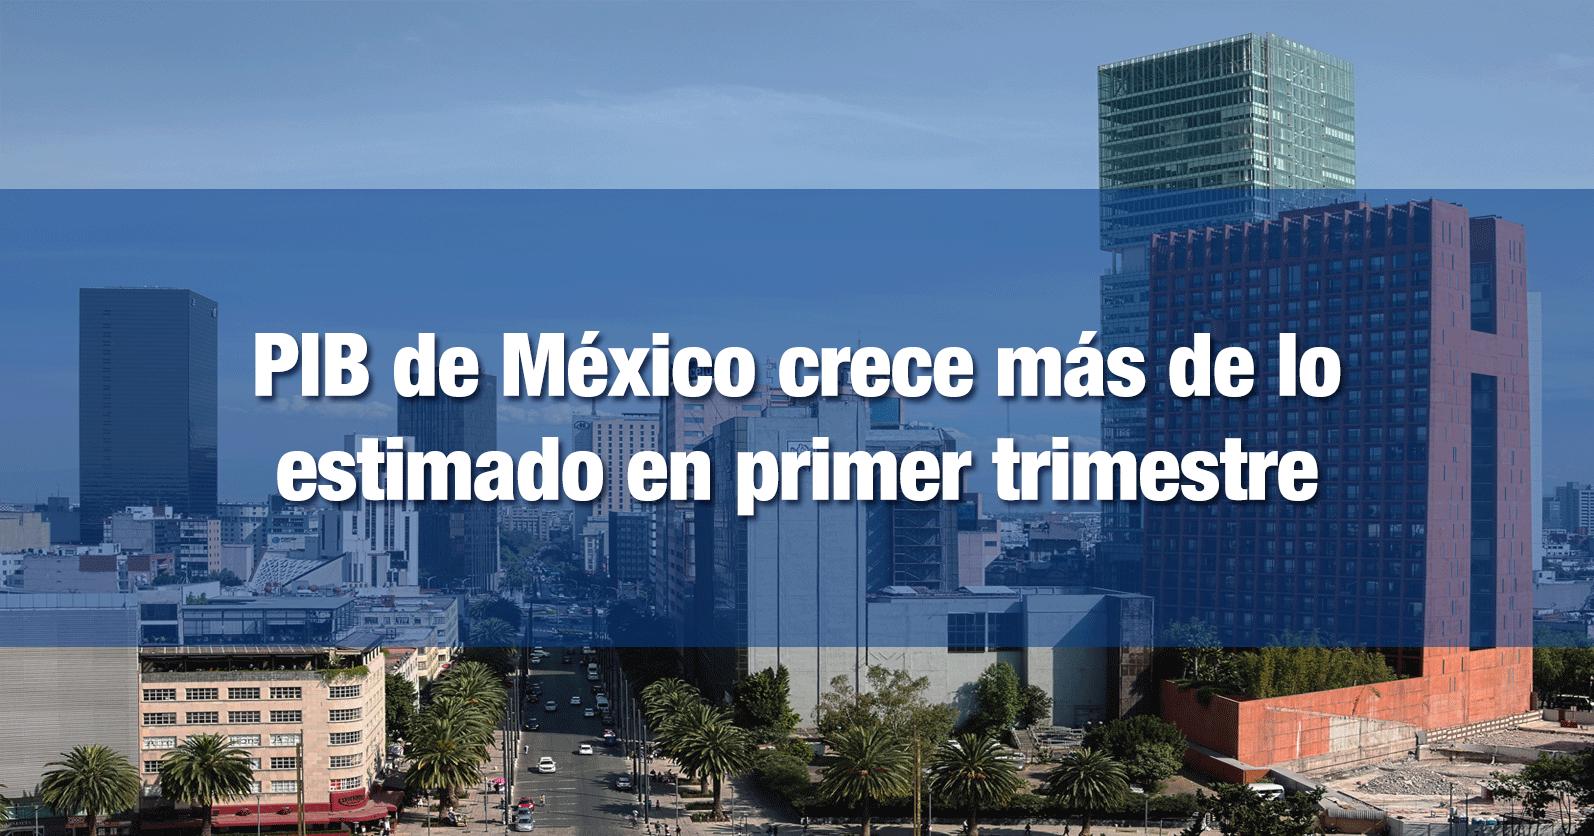 PIB de México crece más de lo previsto en primer trimestre